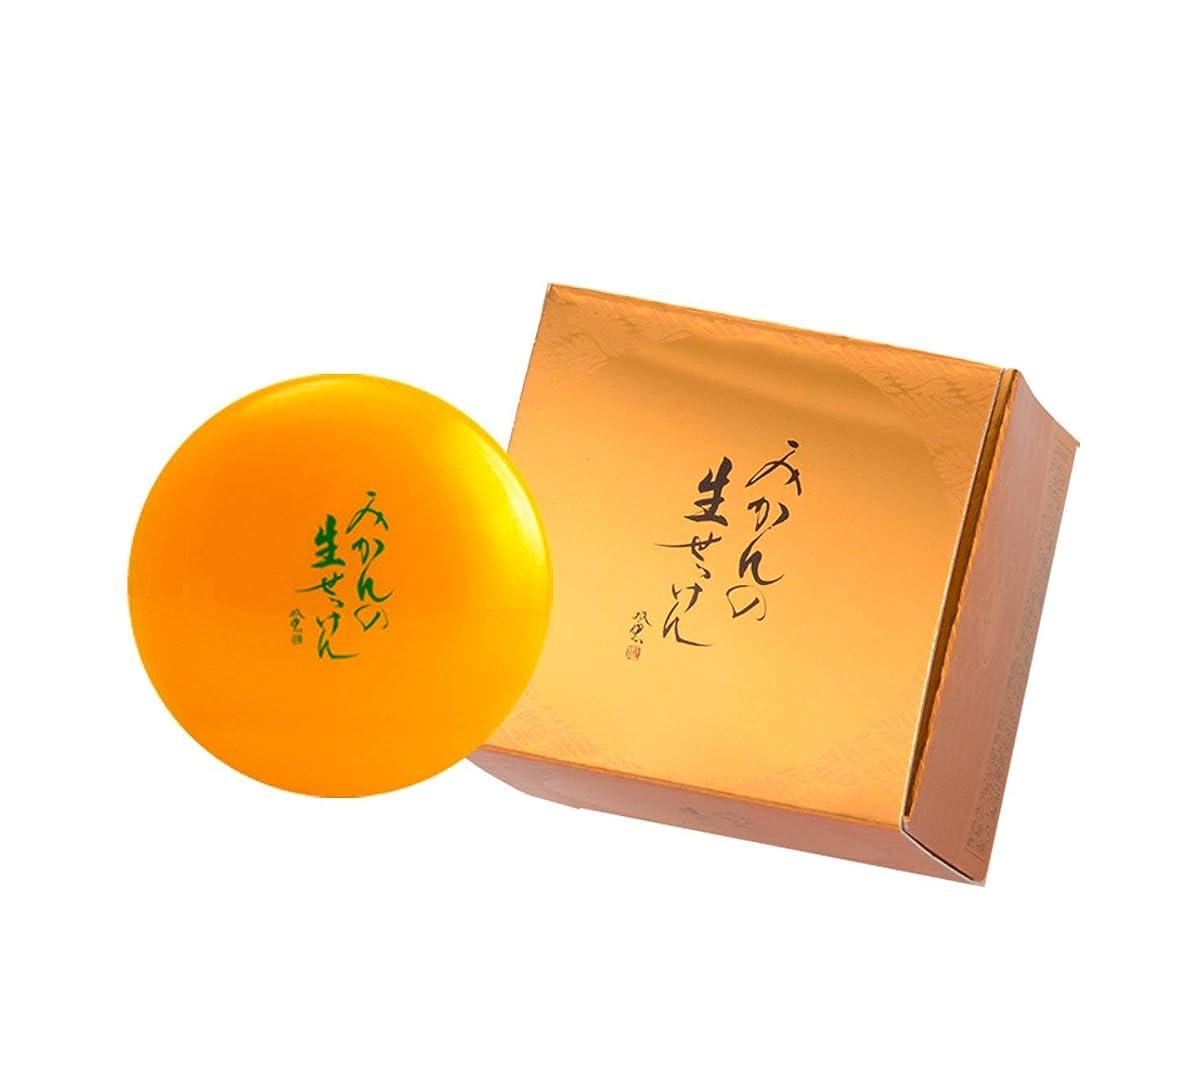 到着するメンタルディレイUYEKI美香柑みかんの生せっけん120g×3個セット